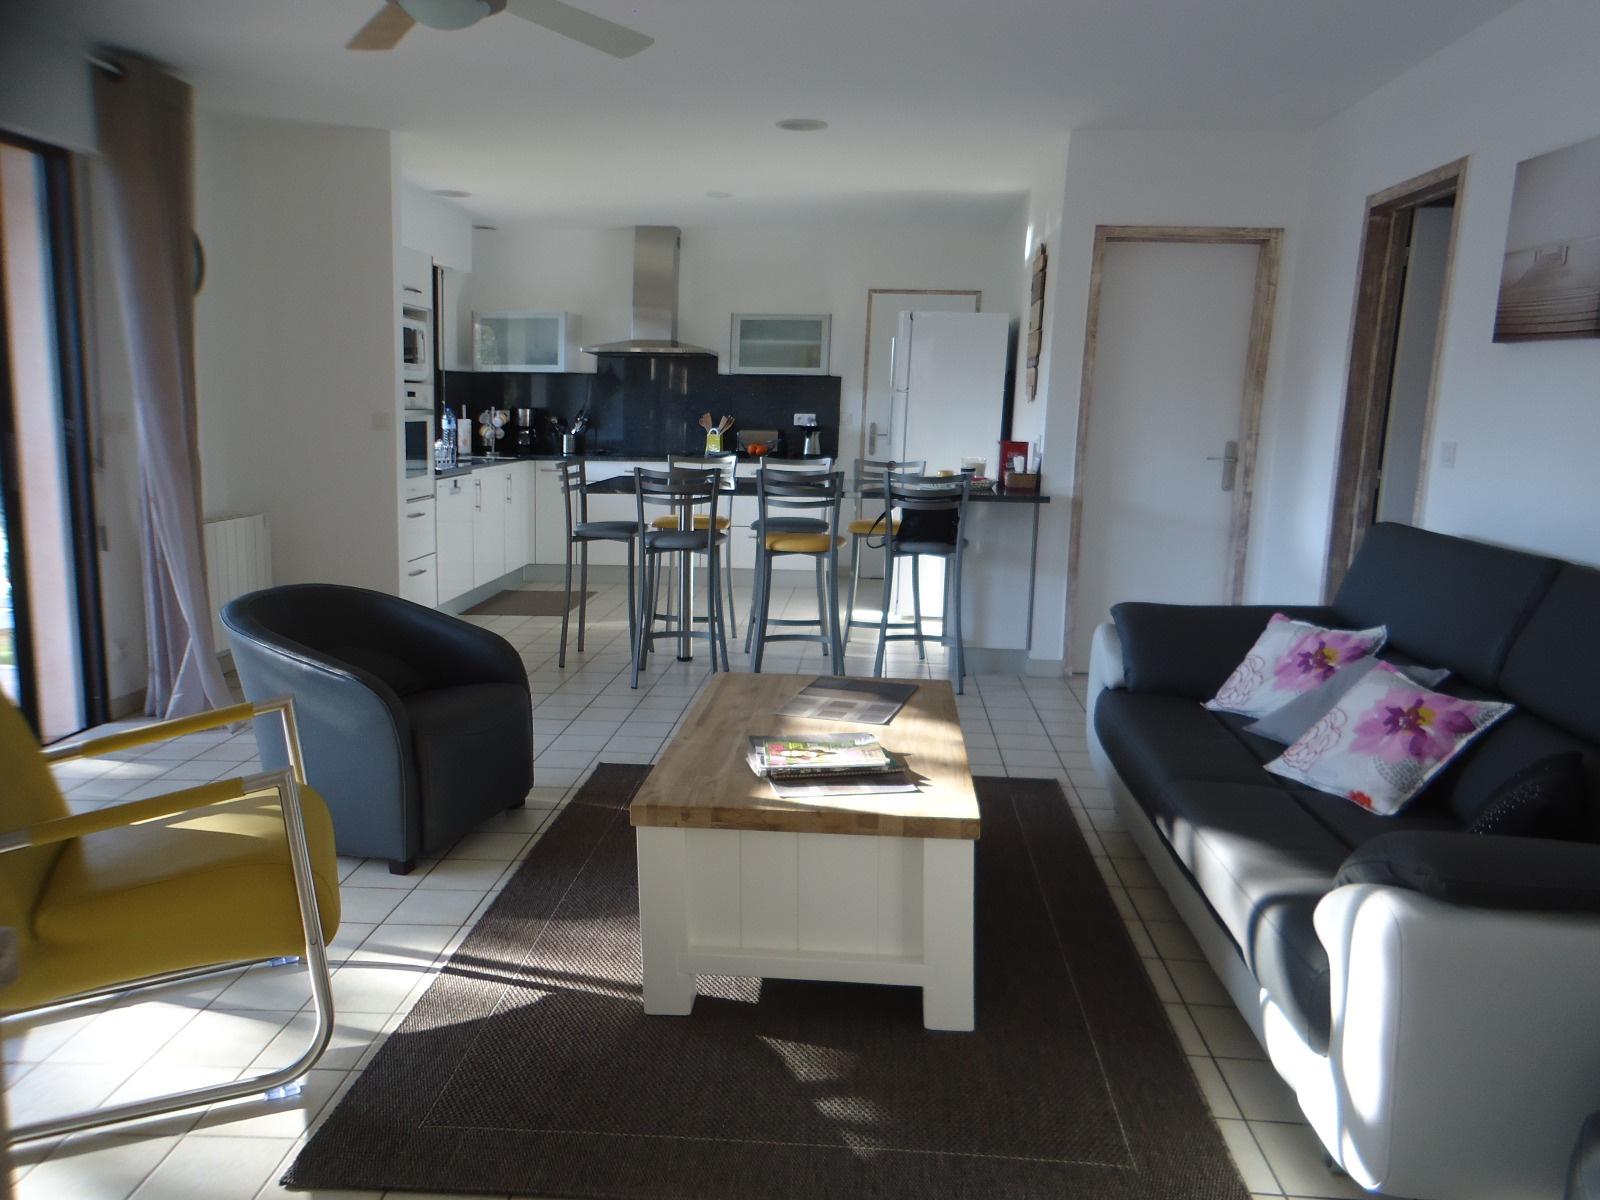 Offres locations vacances maison lit et mixe avec b2s - Chambre d hote lit et mixe ...